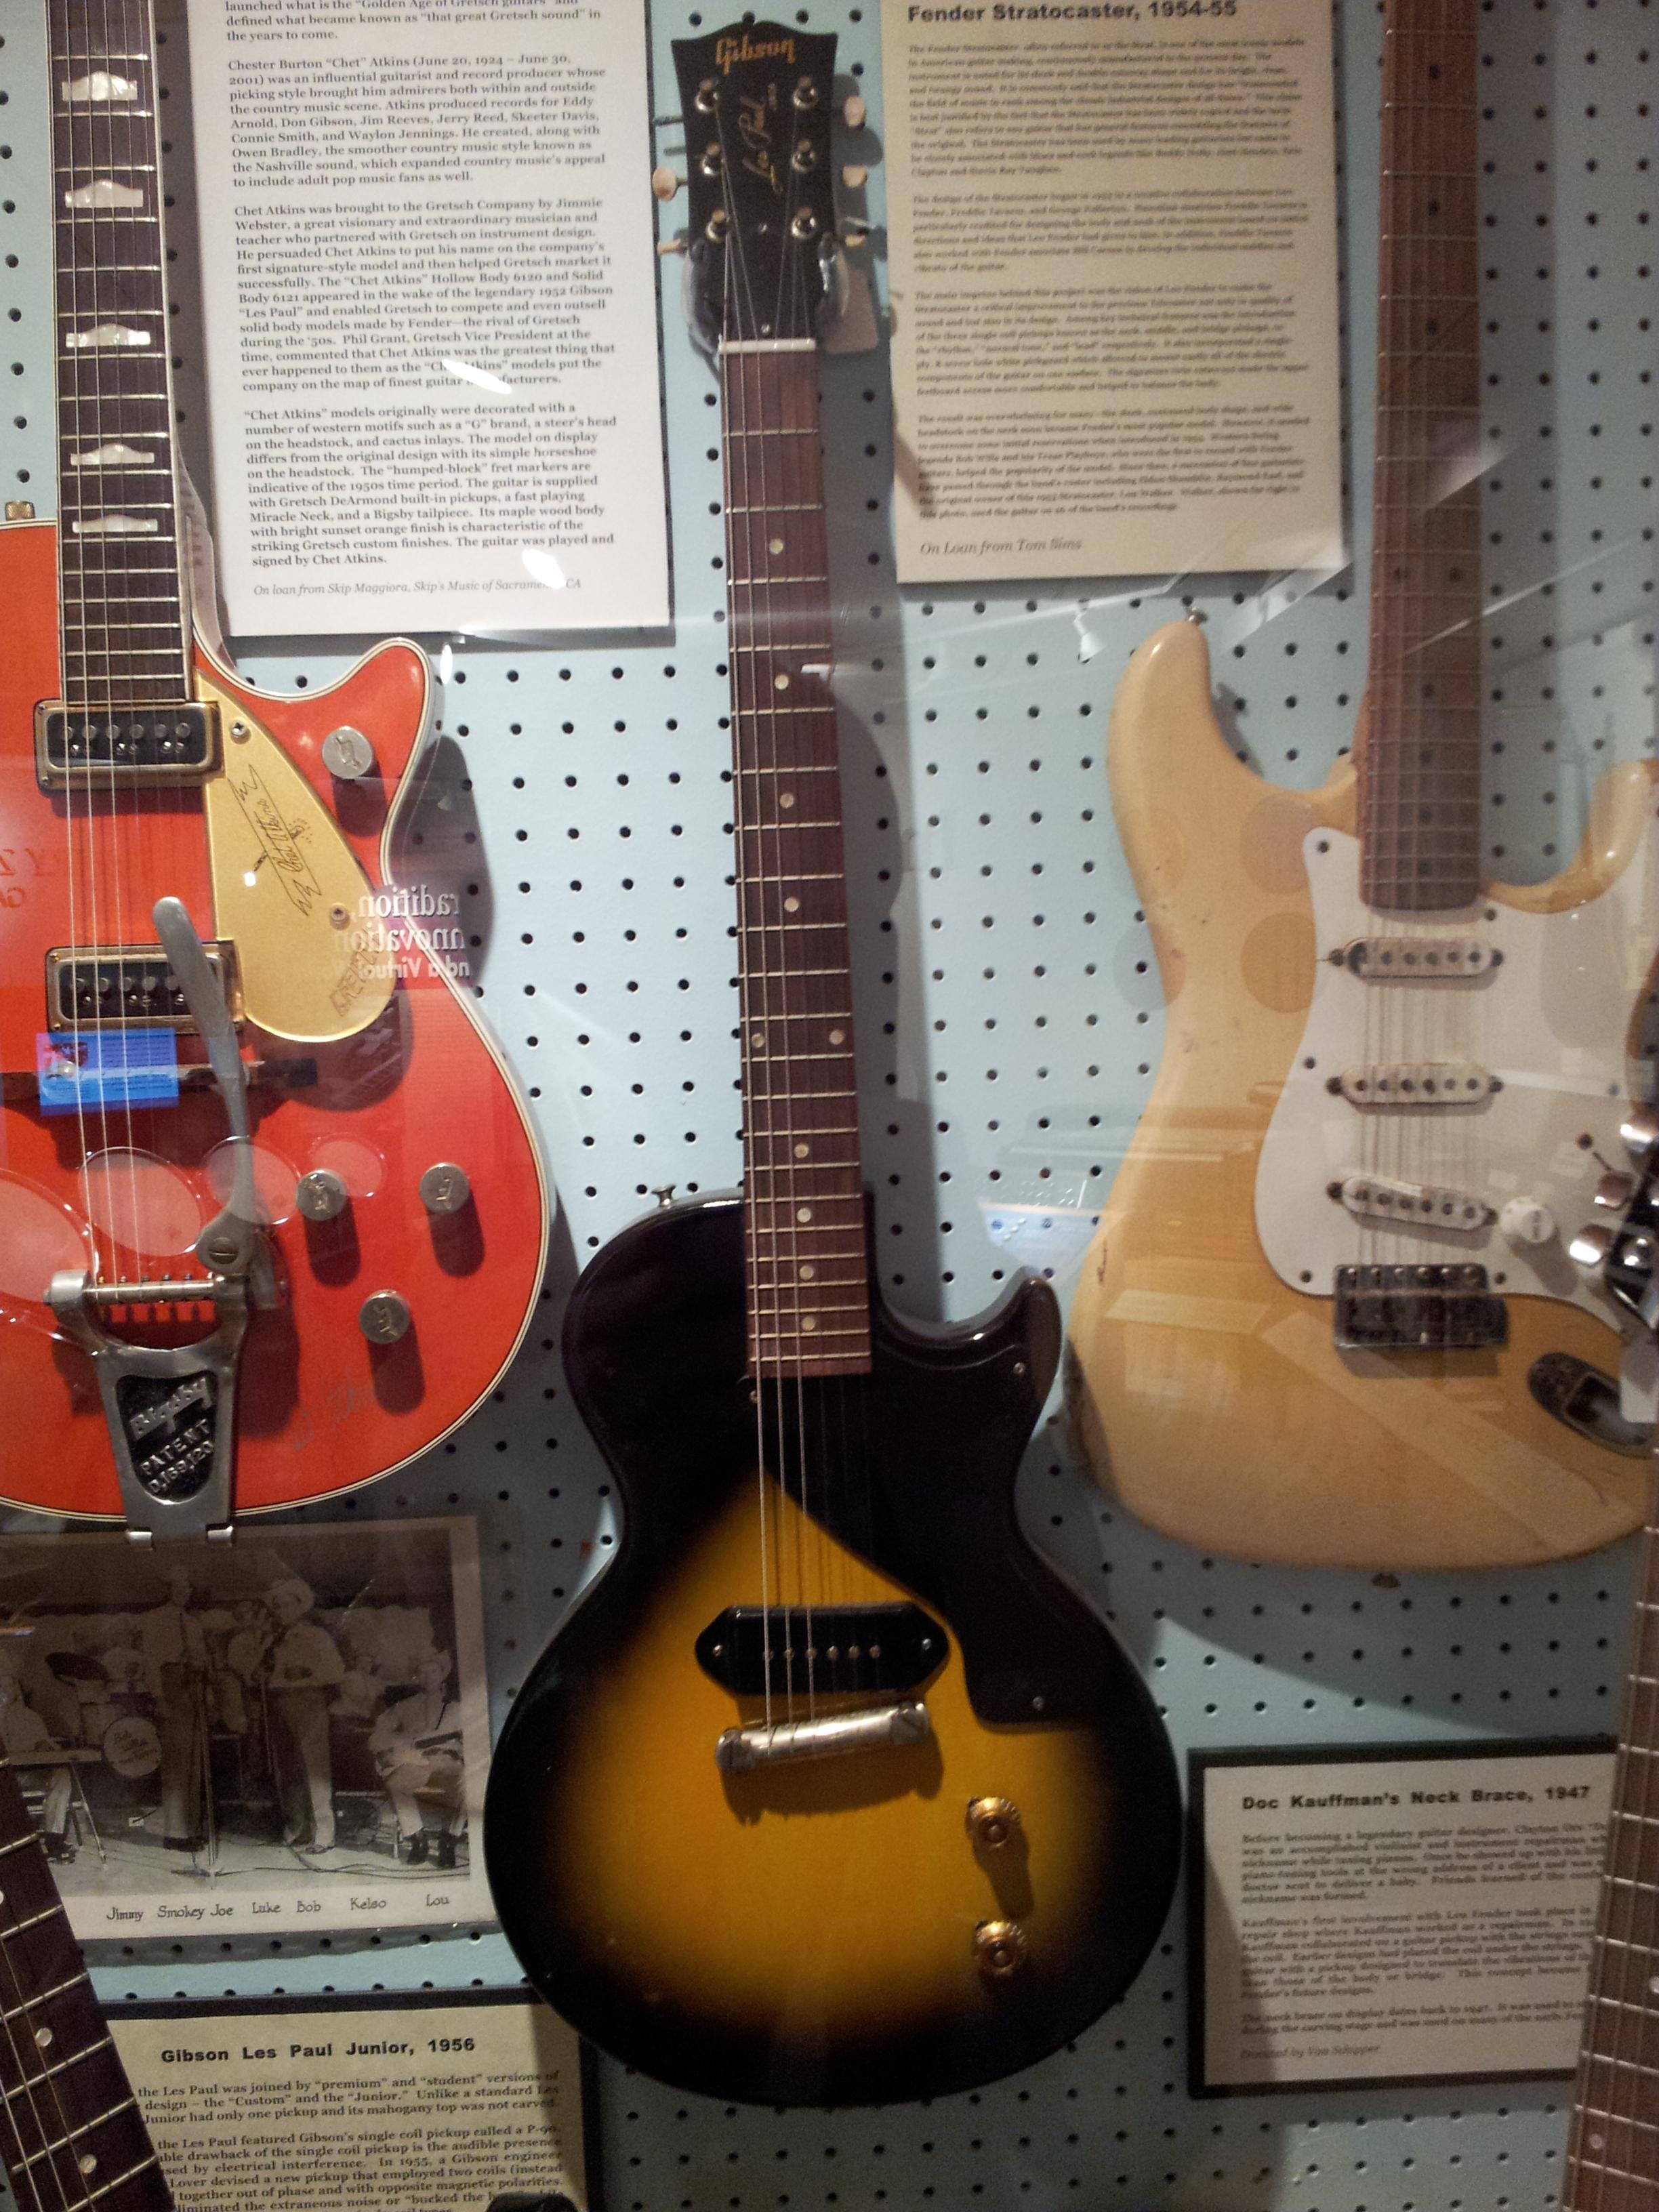 Filegibson Les Paul Junior 1956 Fender Stratocaster 1954 55